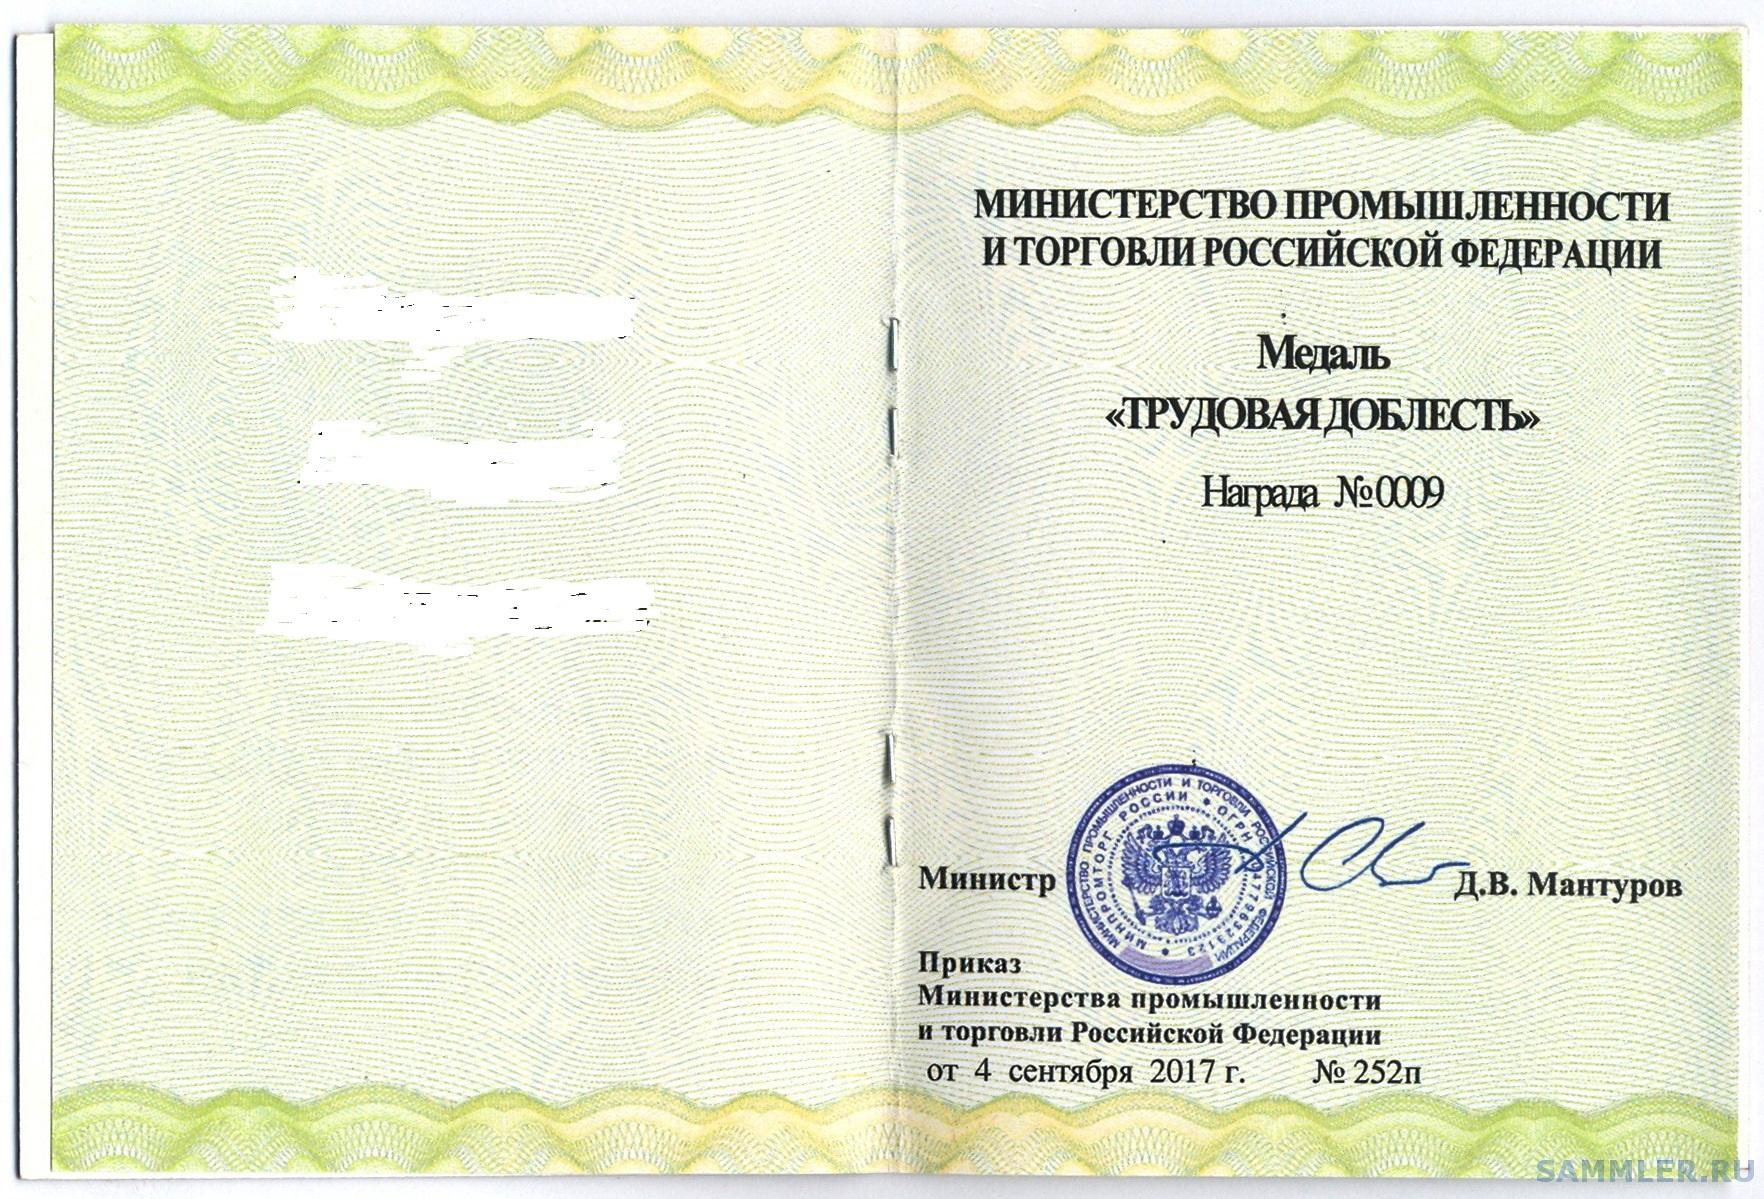 удостоверение знак трудовая доблесть 3.jpg